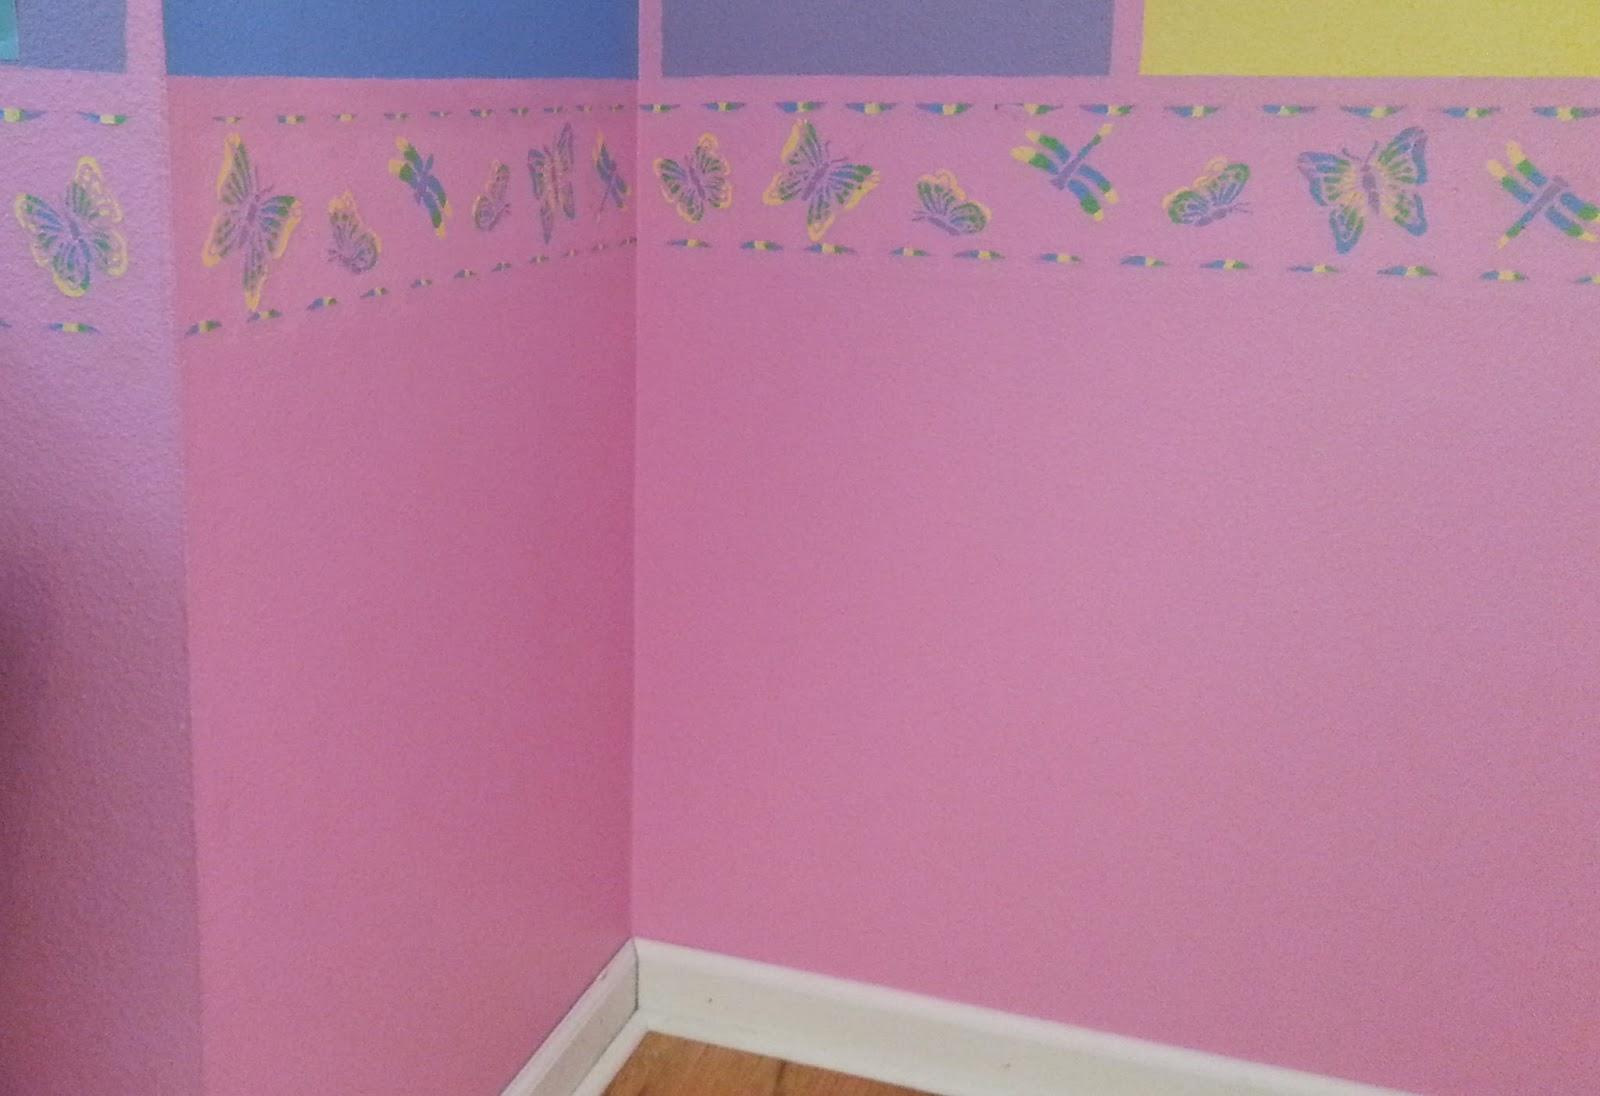 wall stencil border girl pink butterflies dragonflies